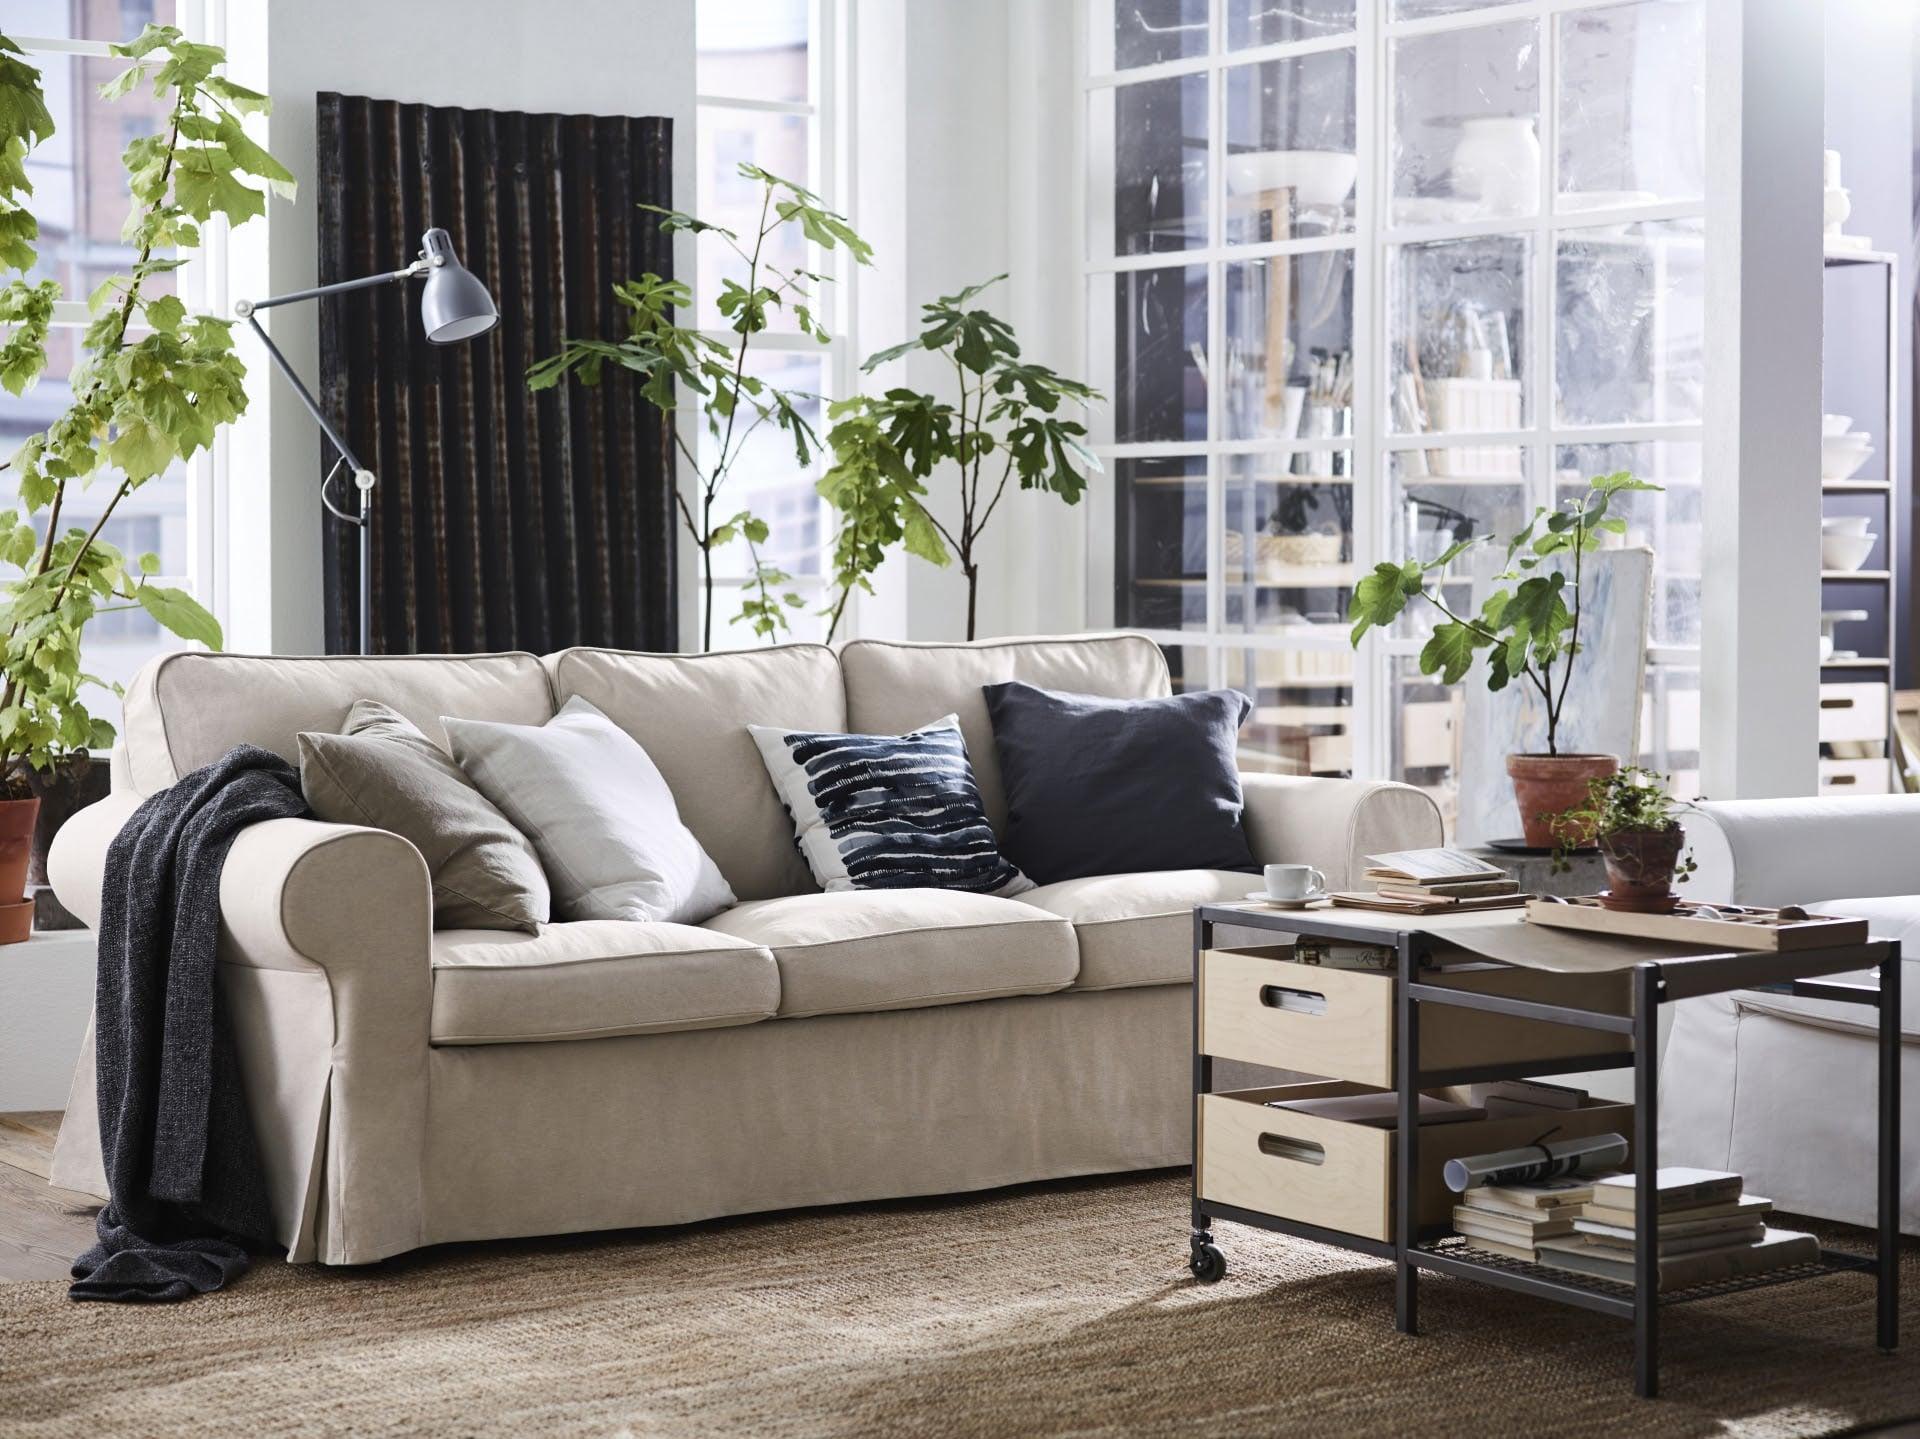 Ikea sale october 2017 popsugar home - Ikea salotti e divani ...